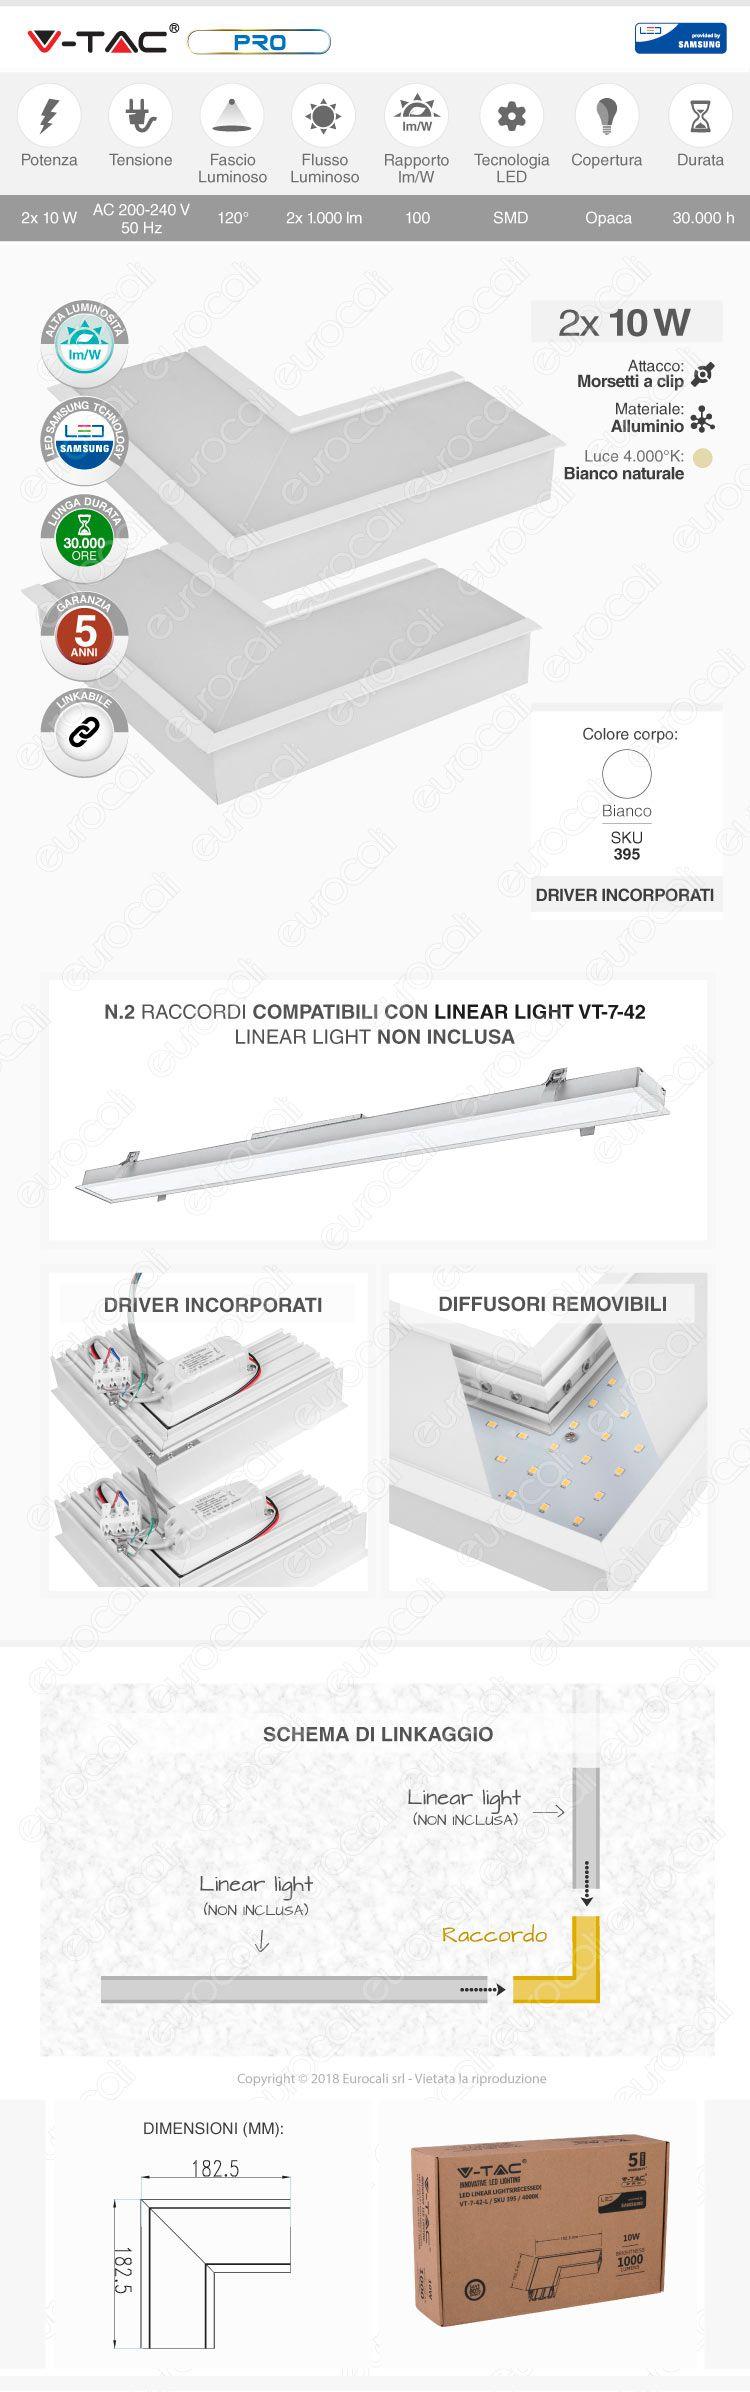 V-Tac PRO VT-7-41X Lampada LED Raccordo a Incasso Linear Light 16W Chip Samsung White Body